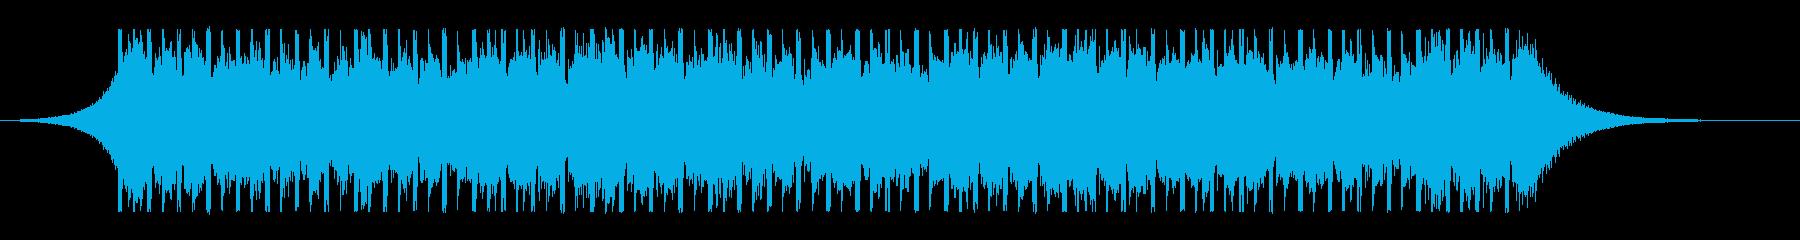 情報を入手する(30秒)の再生済みの波形